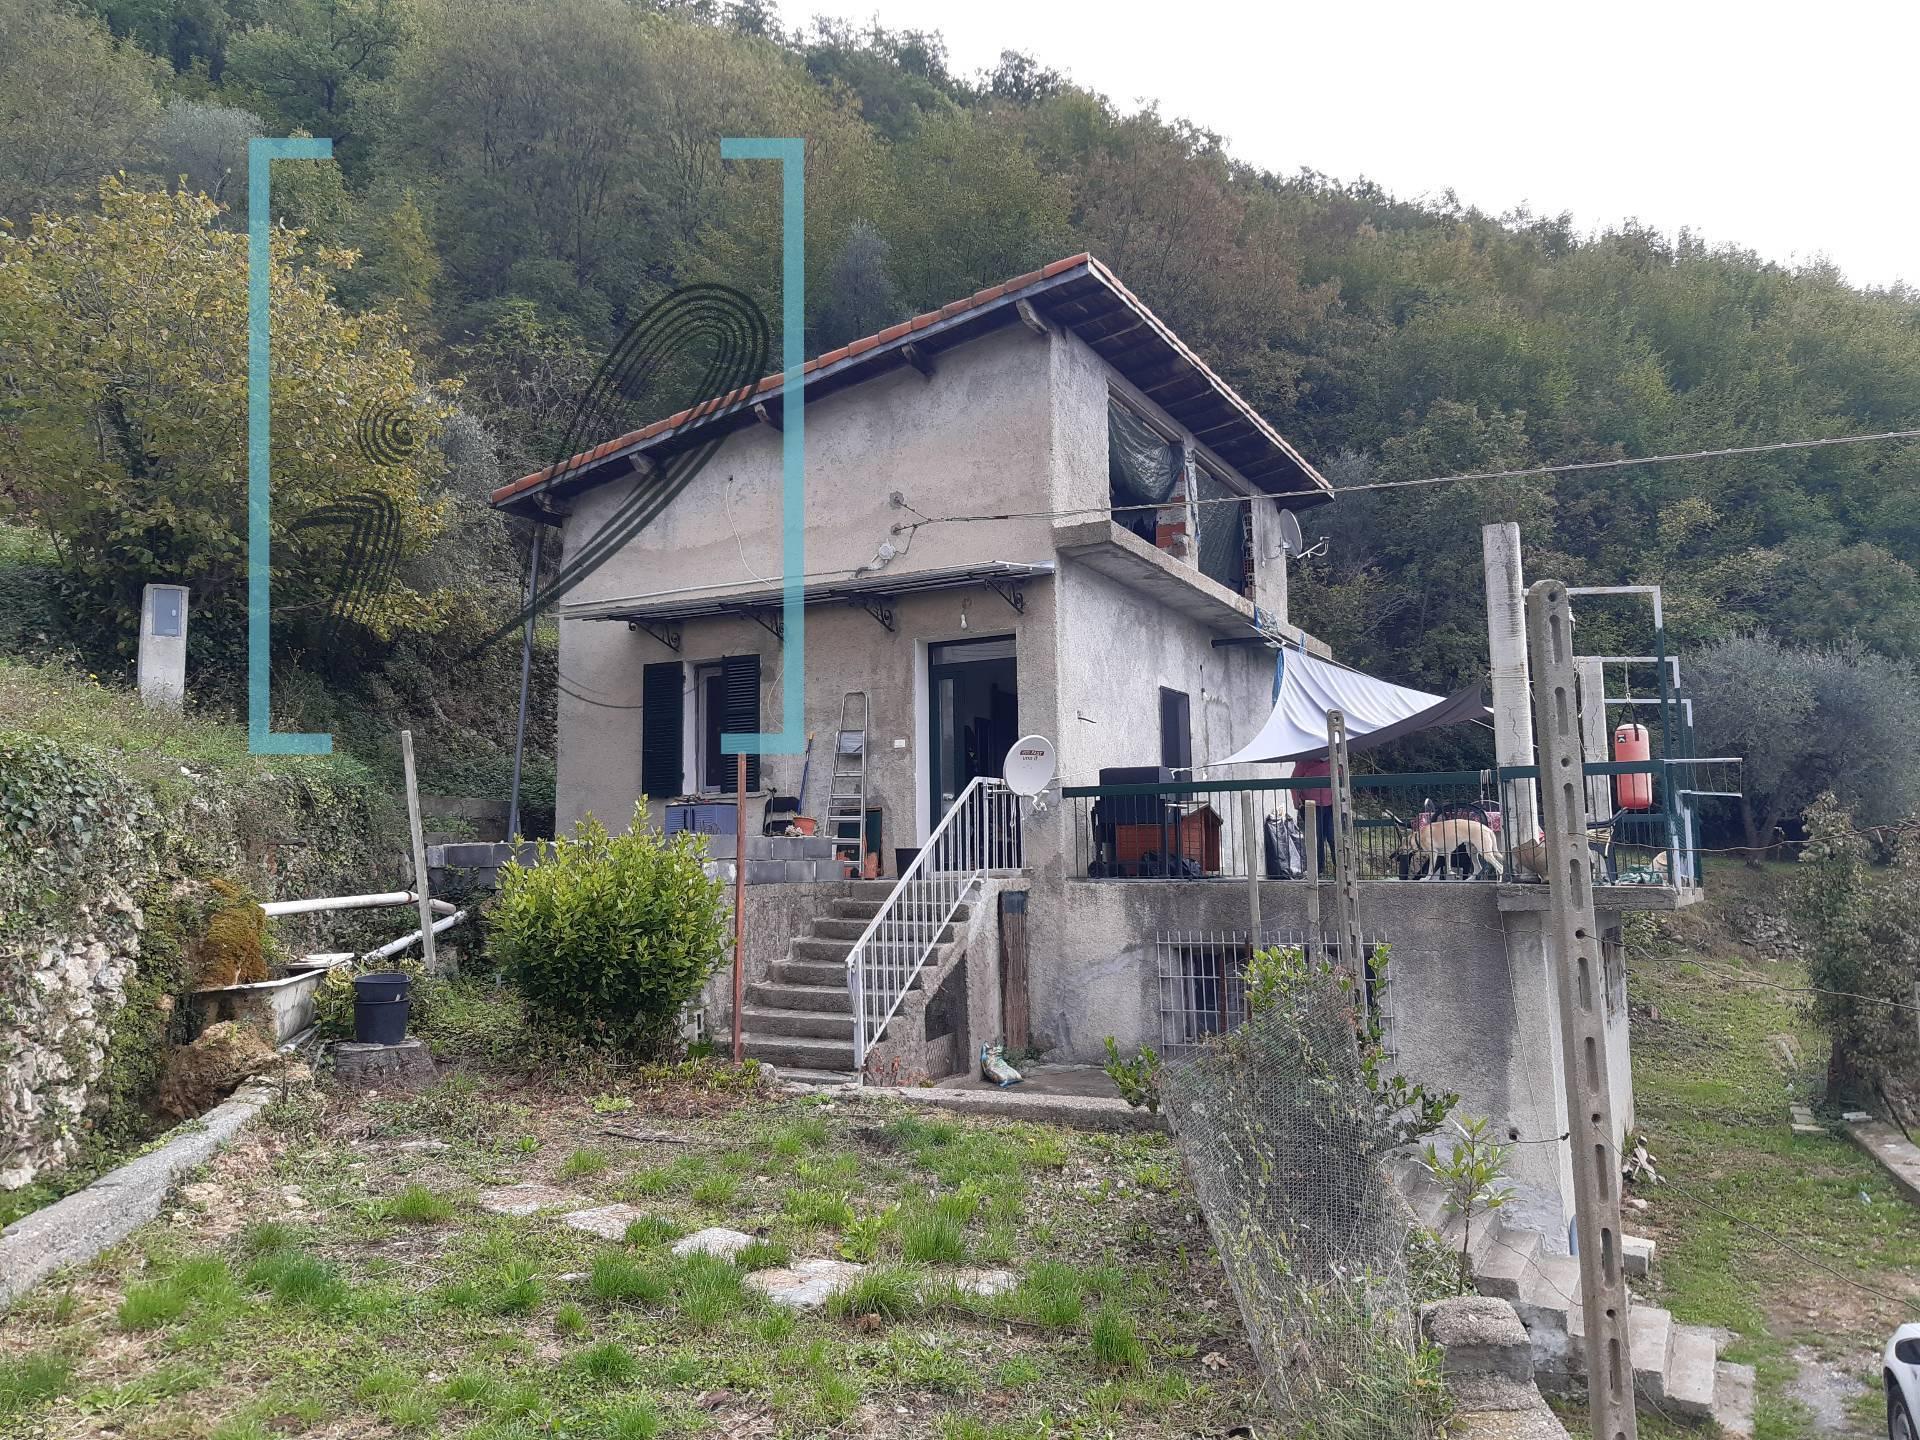 Soluzione Indipendente in vendita a Pieve di Teco, 2 locali, prezzo € 138.000 | PortaleAgenzieImmobiliari.it